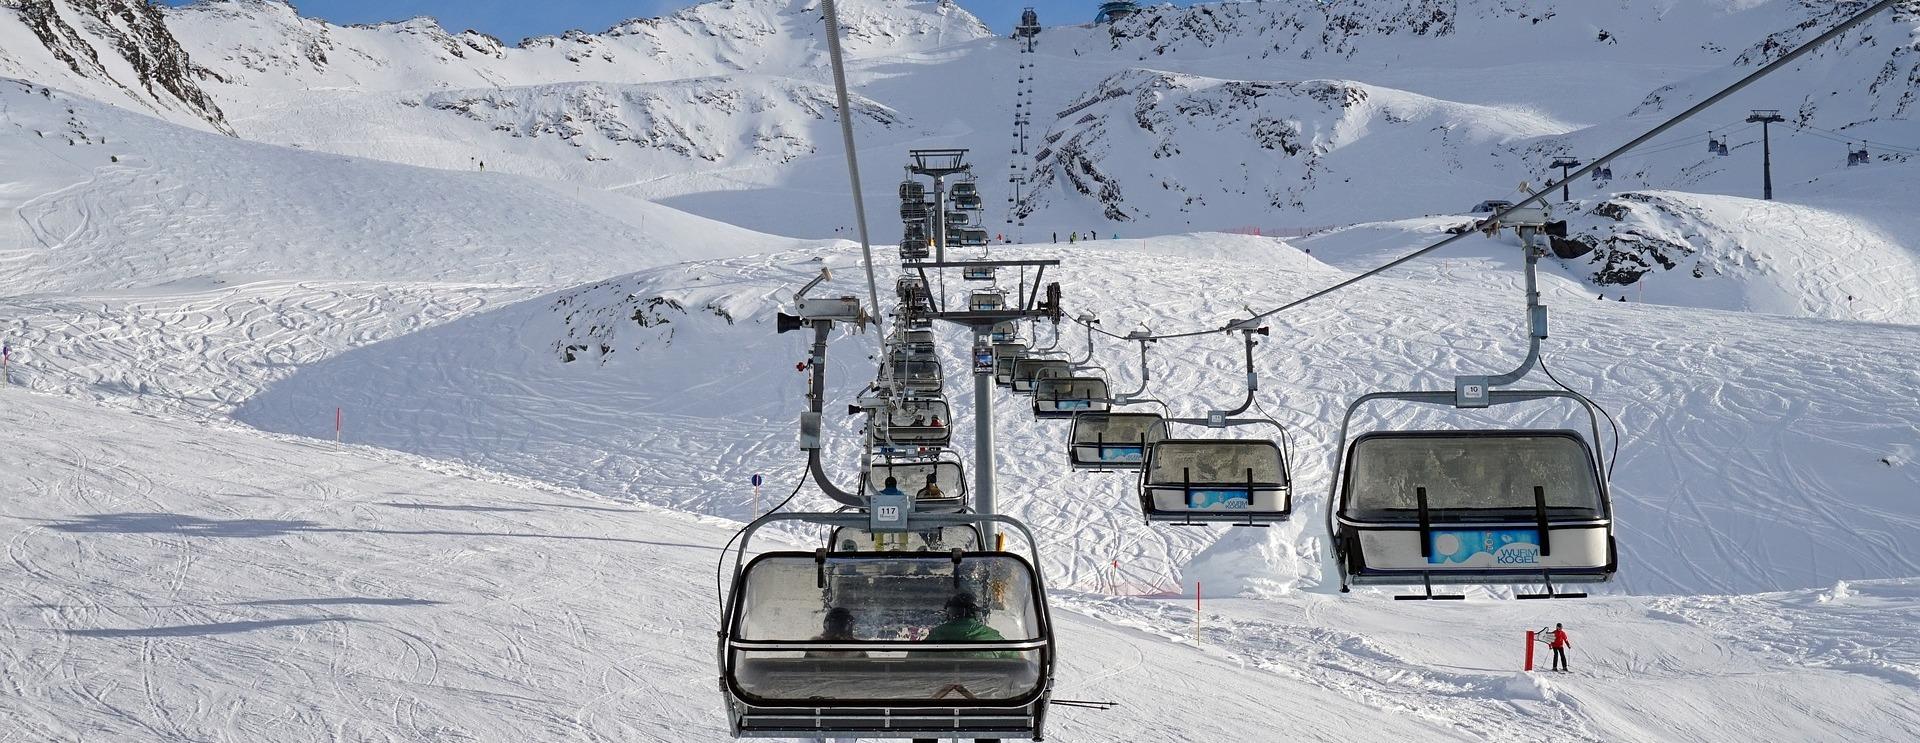 La station de ski d'Arkhyz a été visitée 5 fois plus souvent